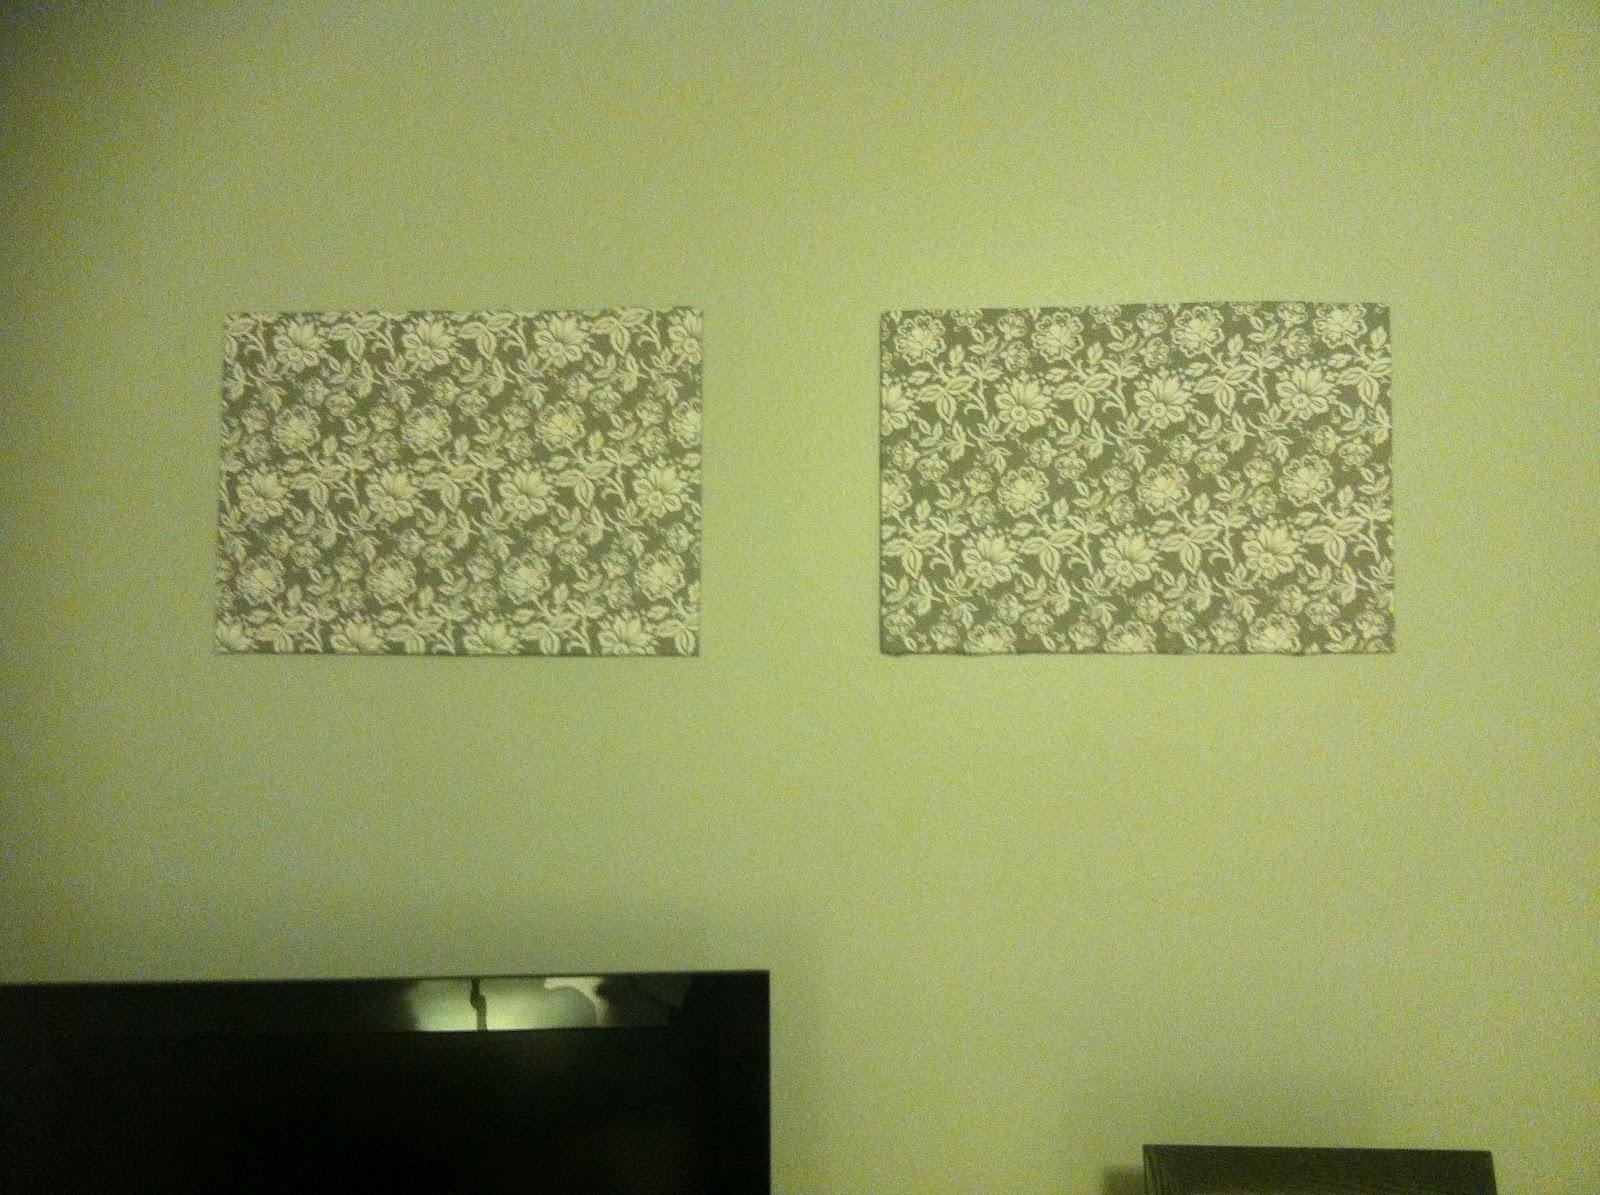 Fabric Wall Art Foam Board - Supertechcrowntower pertaining to Current Foam Board Fabric Wall Art